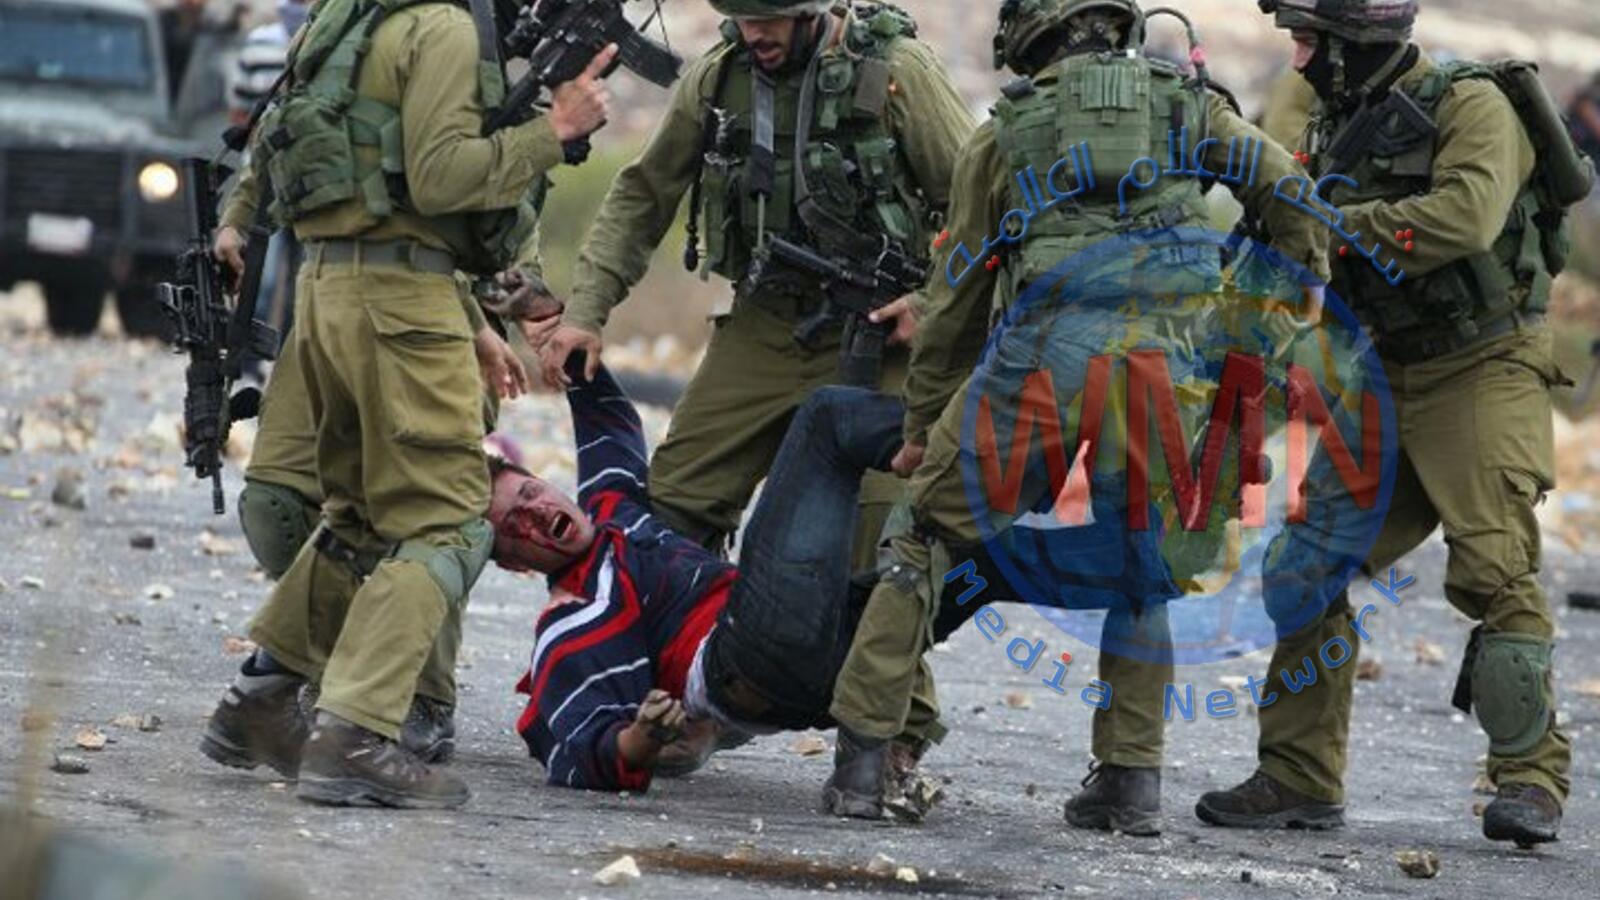 الاحتلال يعتقل 16 فلسطينيا بينهم نائب في المجلس التشريعي